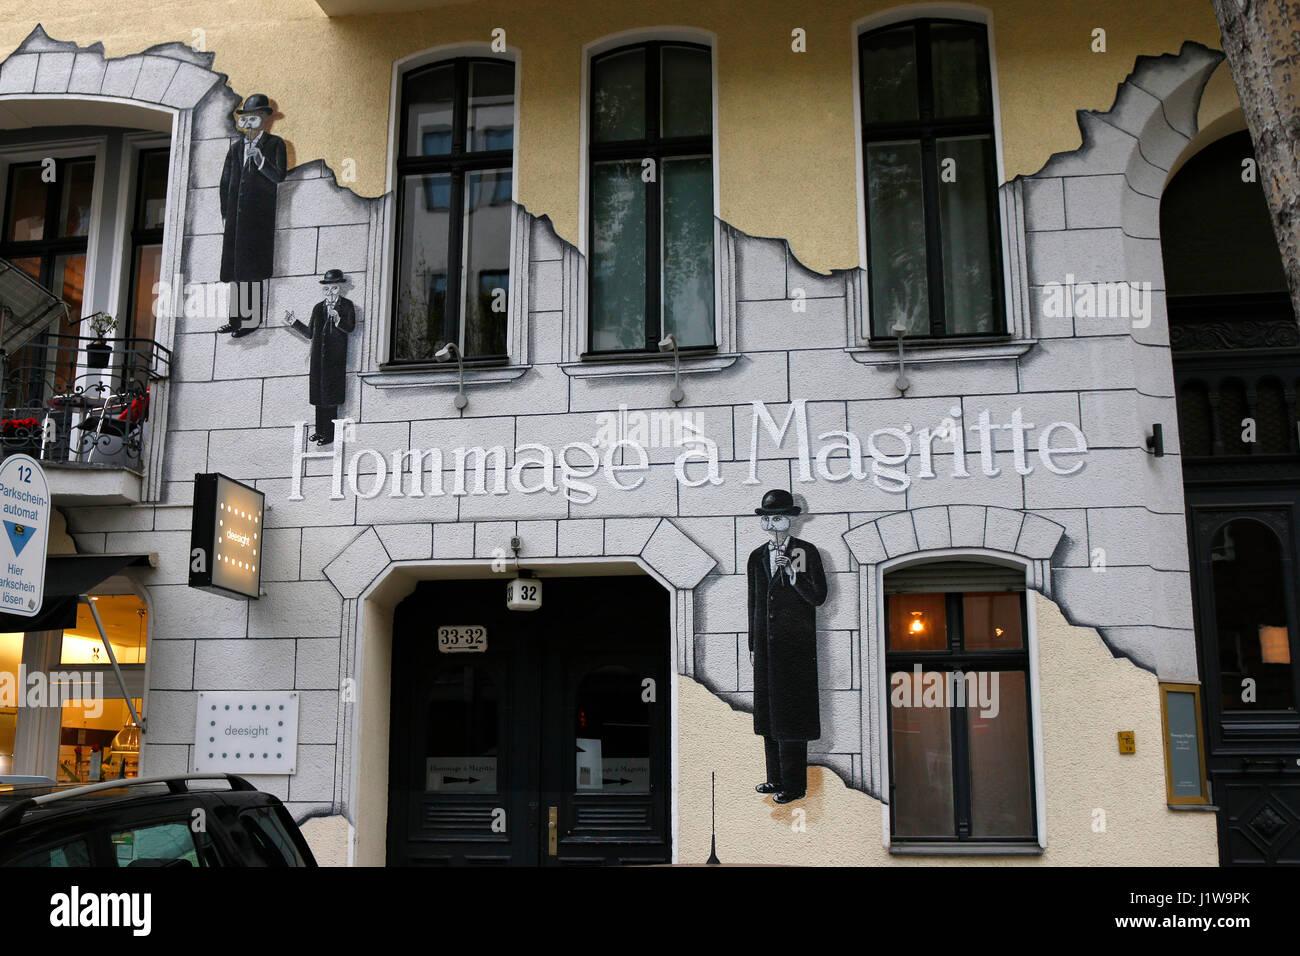 """Ein Wandgemaelde mit dem Titel """"Hommage a Magritte"""", Berlin-Chalottenburg. Immagini Stock"""